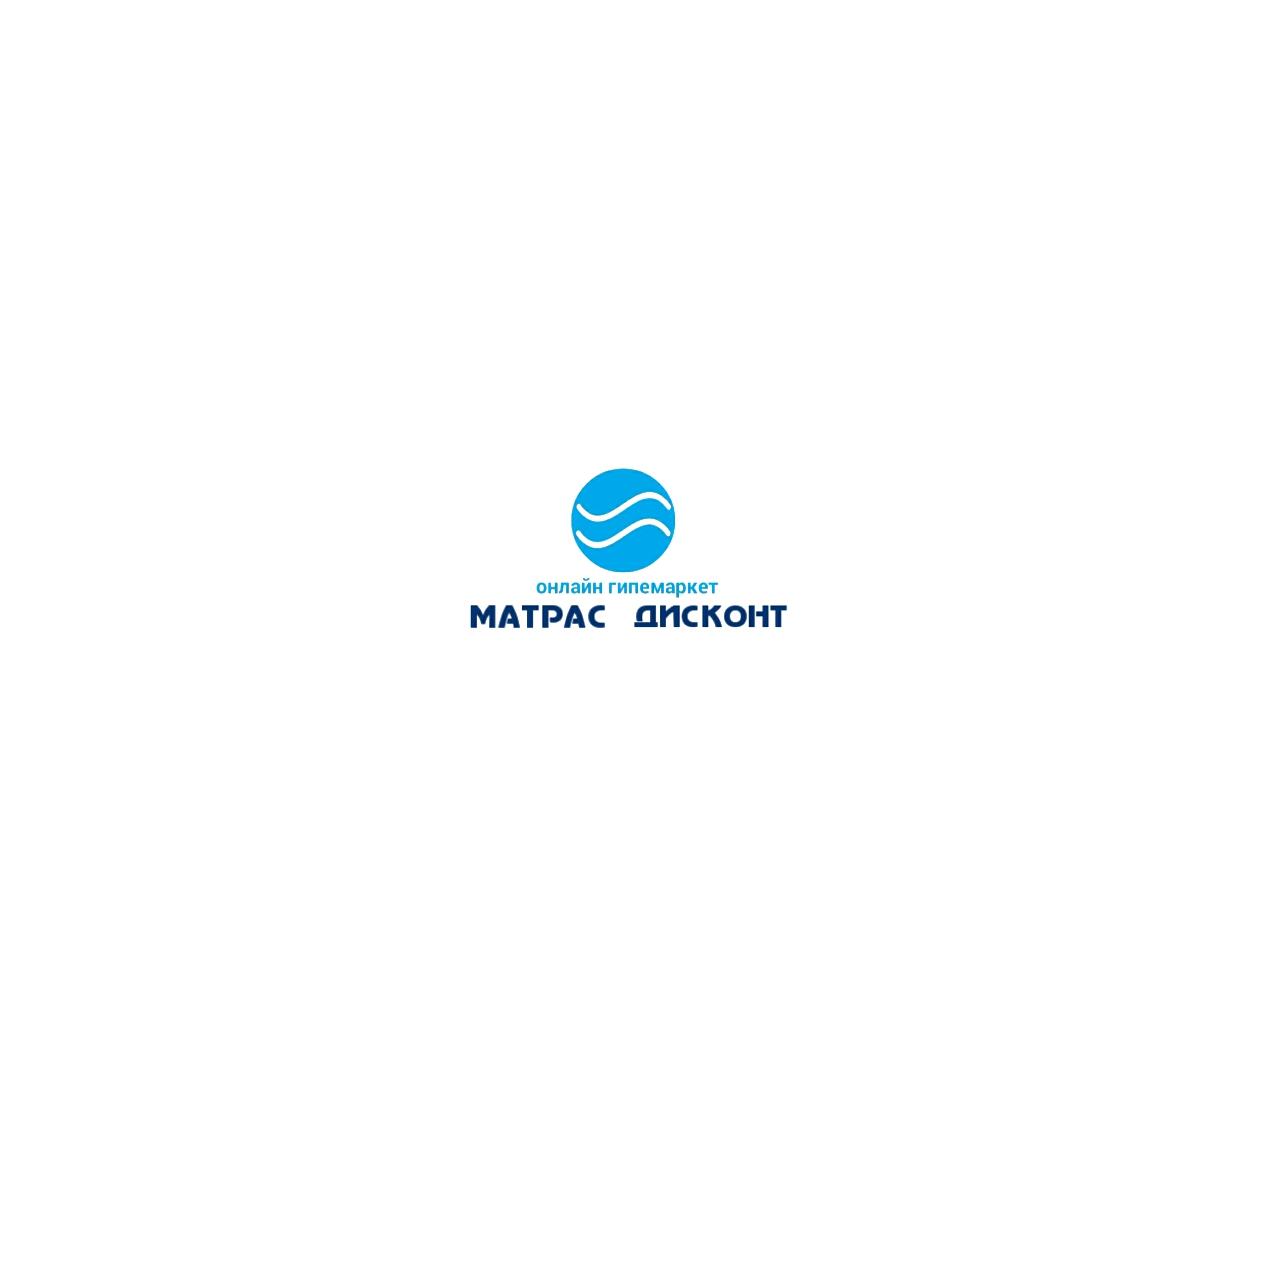 Логотип для ИМ матрасов фото f_2865c88082d79afa.jpg